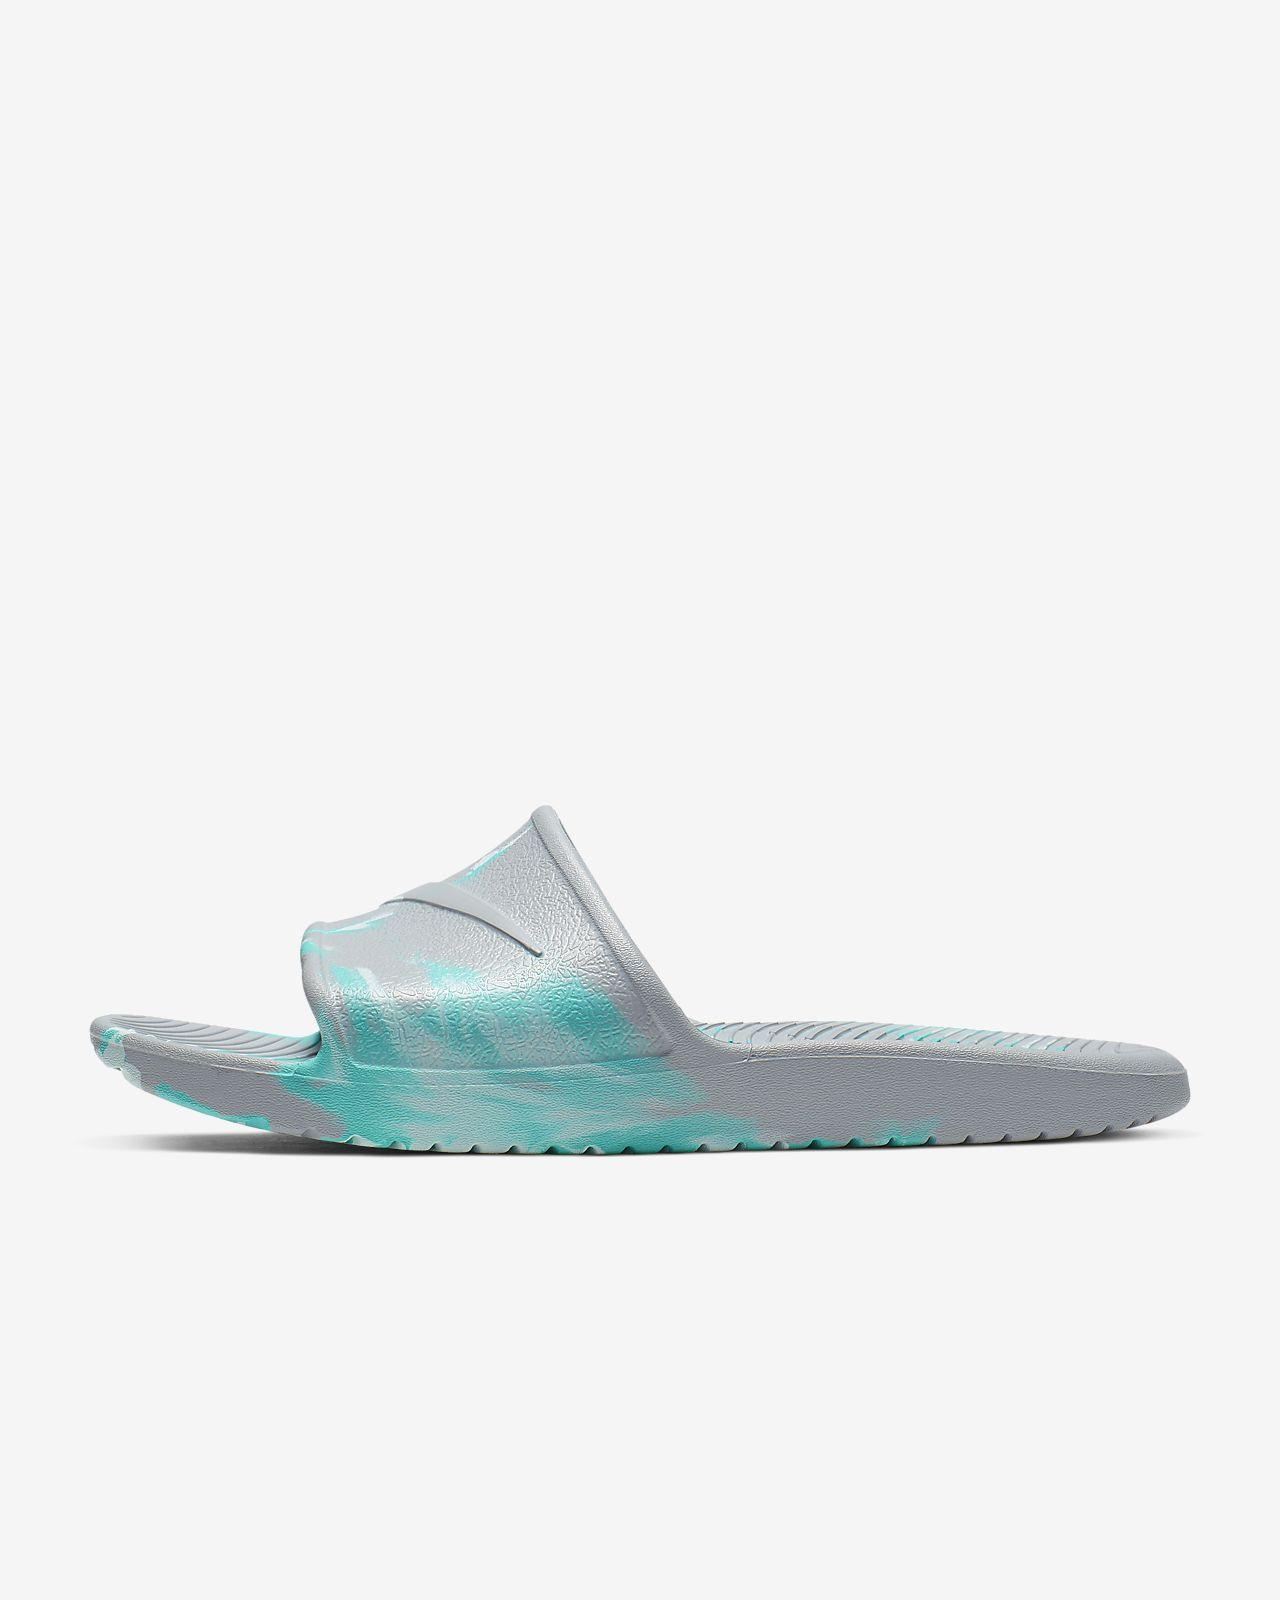 09d819d3e1d Nike Kawa Shower Marble Women s Slide. Nike.com IN